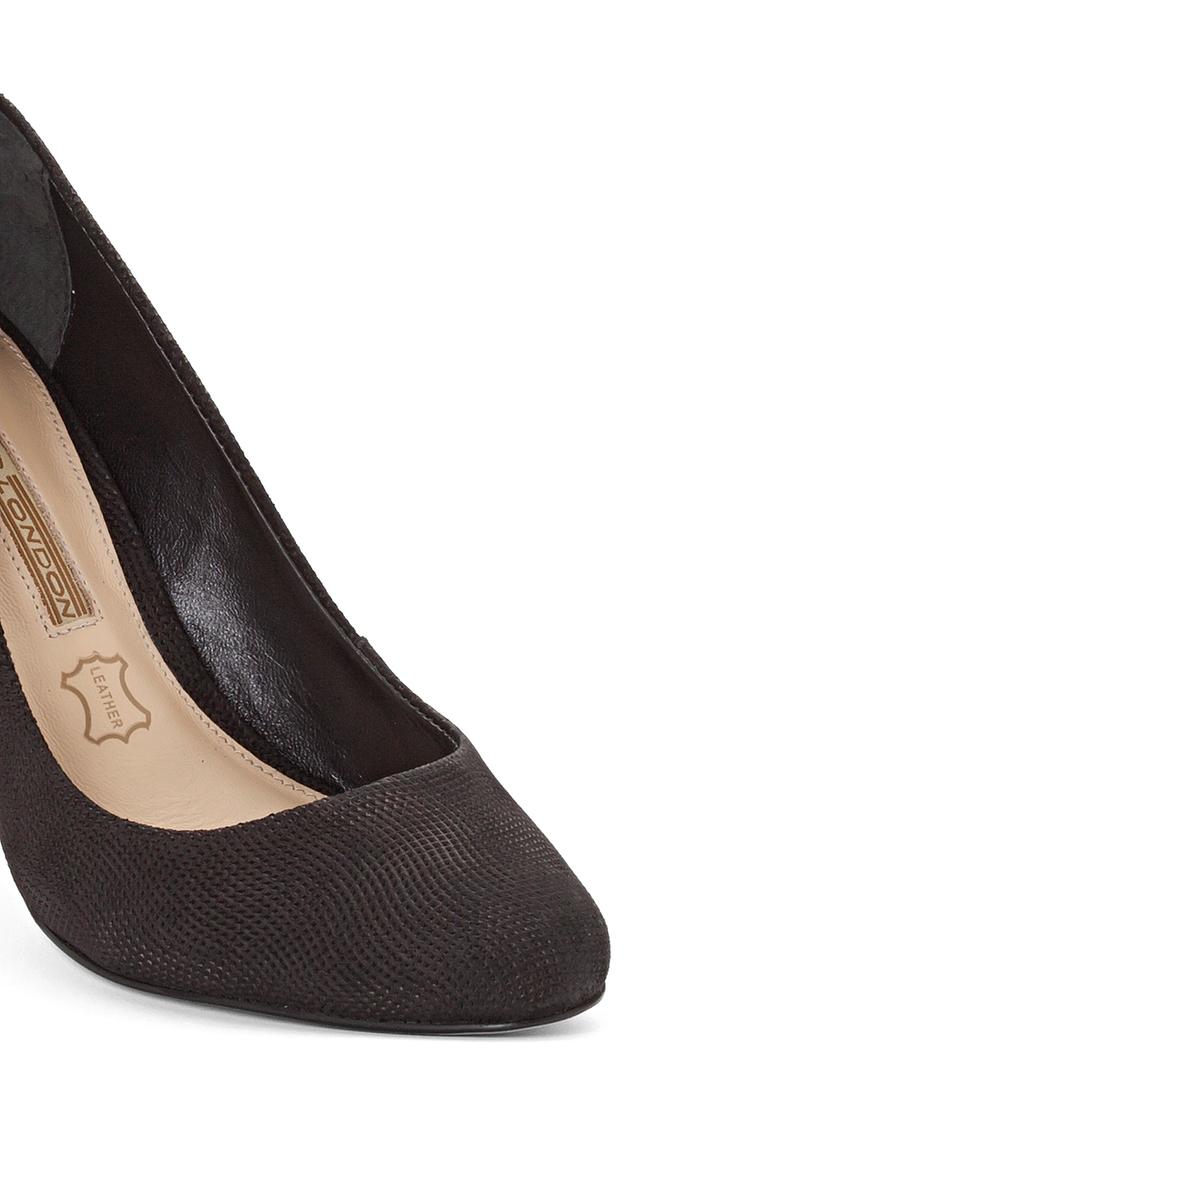 Туфли на каблуке, ZS6061Верх/Союзка: Кожа.   Подкладка: Кожа.    Подошва: Синтетический материал.                 Высота каблука: 7 см.   Форма каблука: Широкая.  Мысок: Круглый.   Застежка: Без застежки.<br><br>Цвет: черный<br>Размер: 39